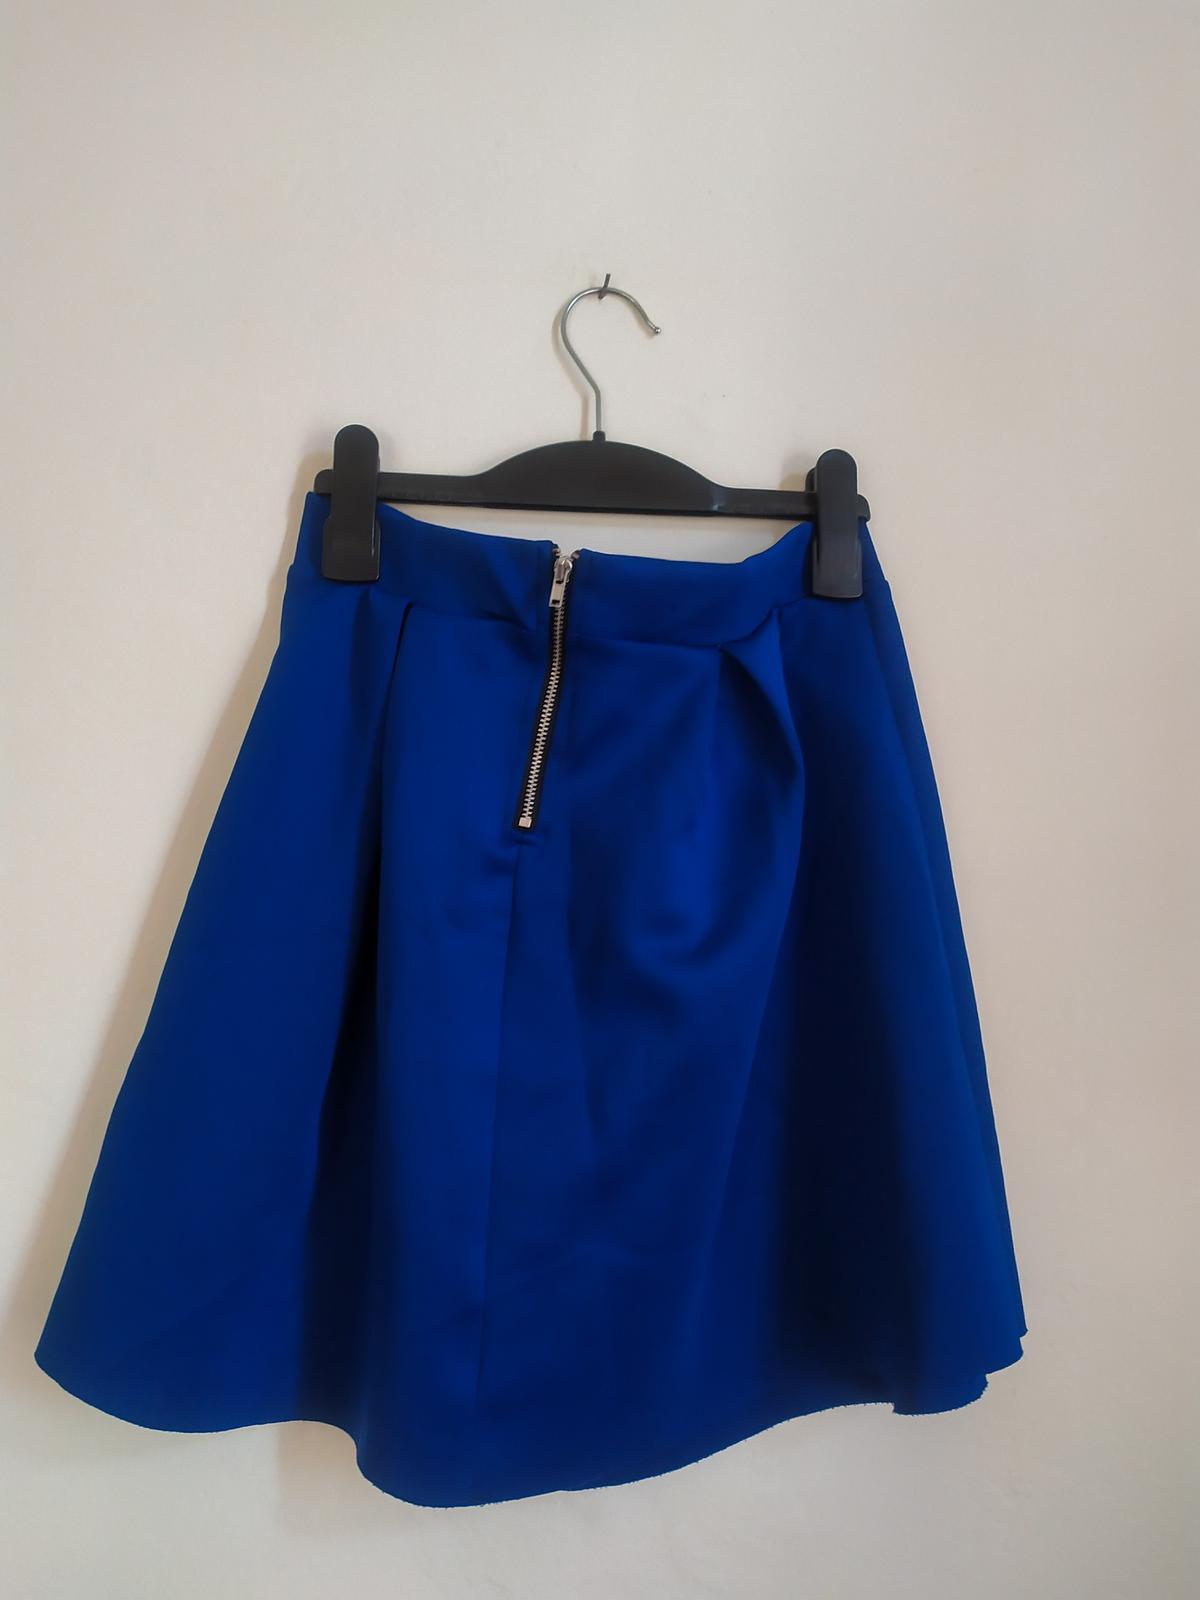 Královsky modrá skládaná mini sukně H&M - vel. 38 - Obrázek č. 2